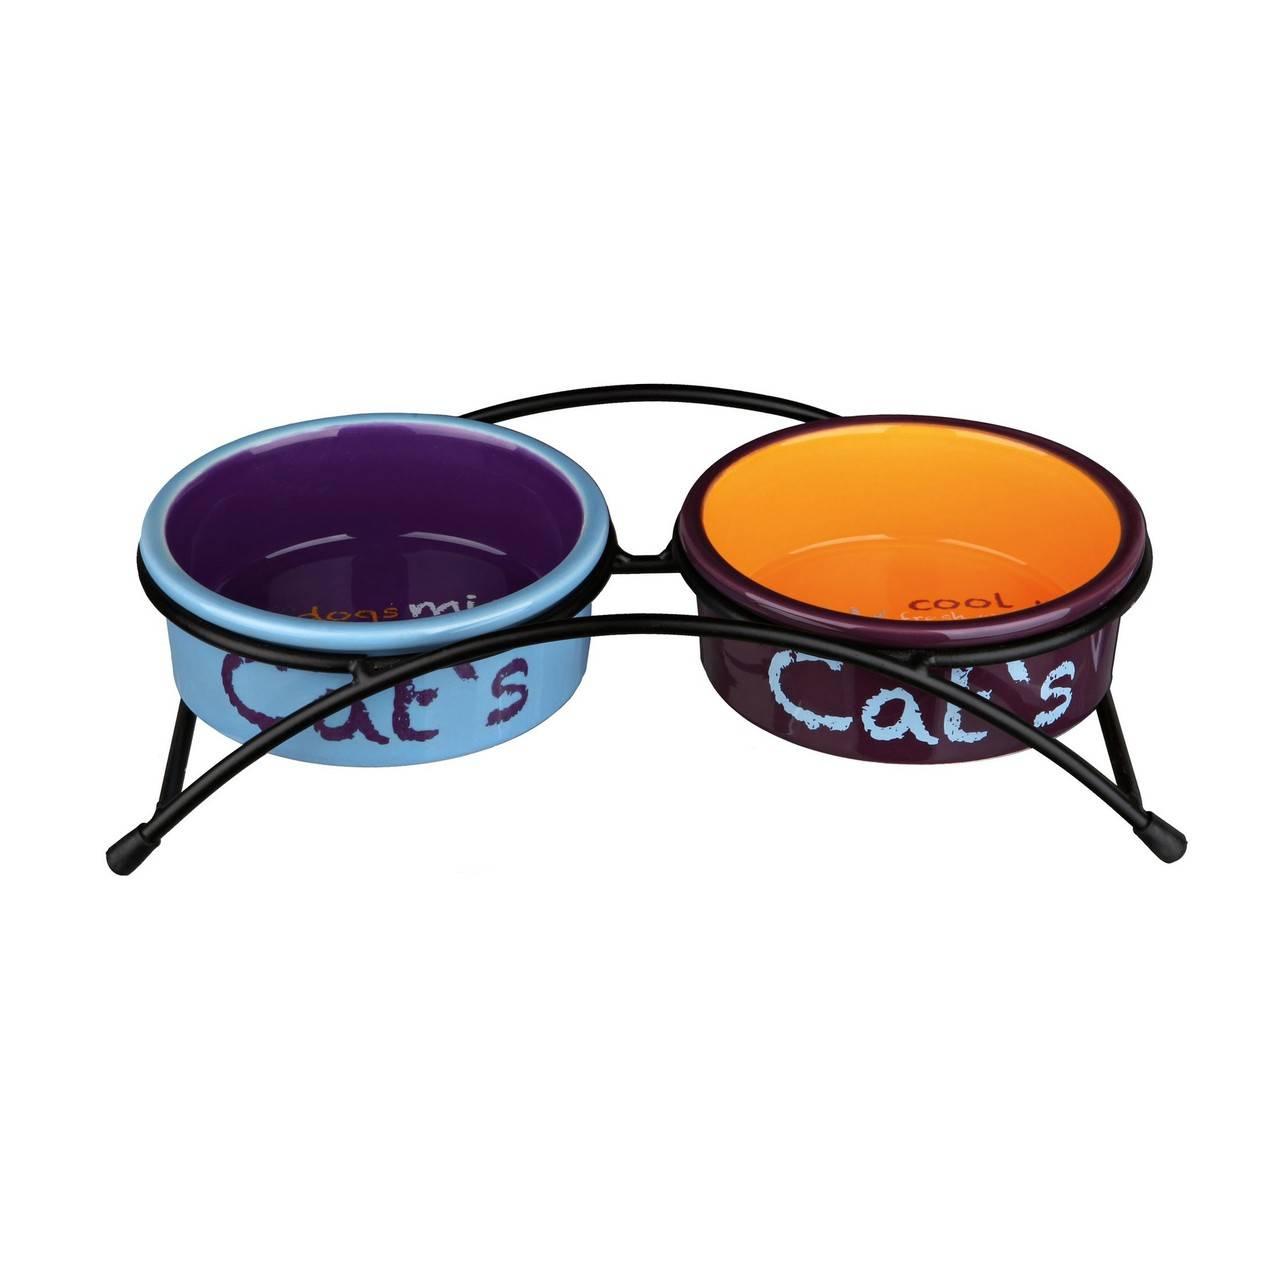 Trixie Eat on Feet – керамические миски для котов на подставке